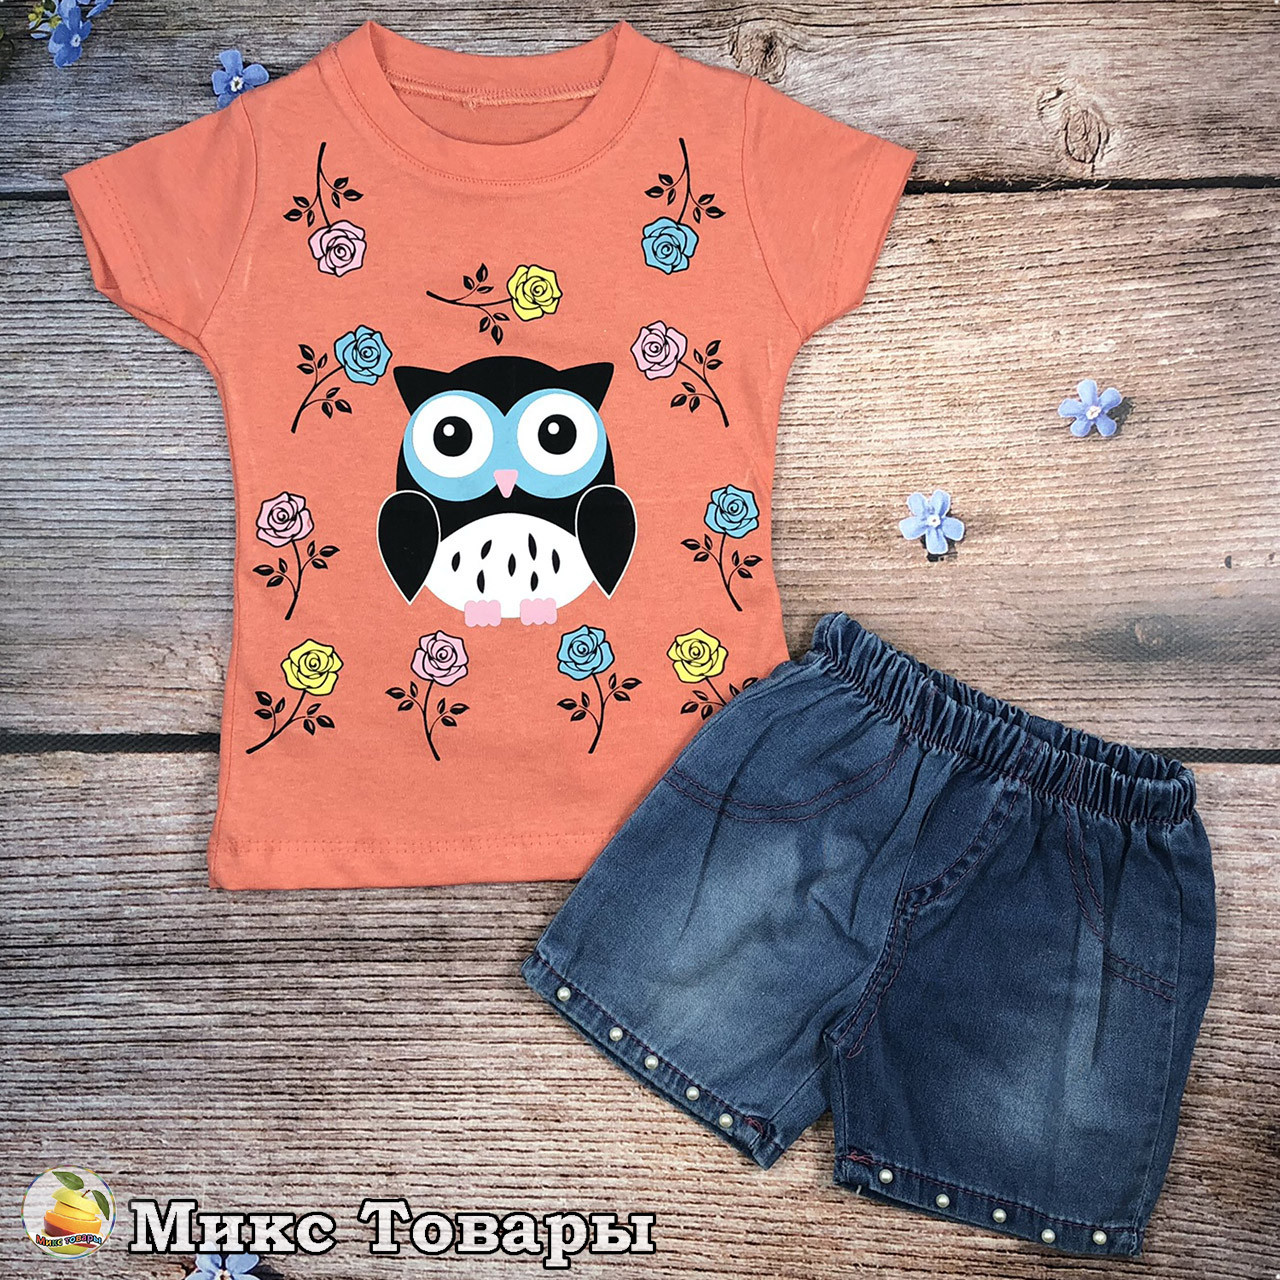 Футболки и джинсовые шорты для девочки Размеры: 86,92,98,104 см (8510-4)